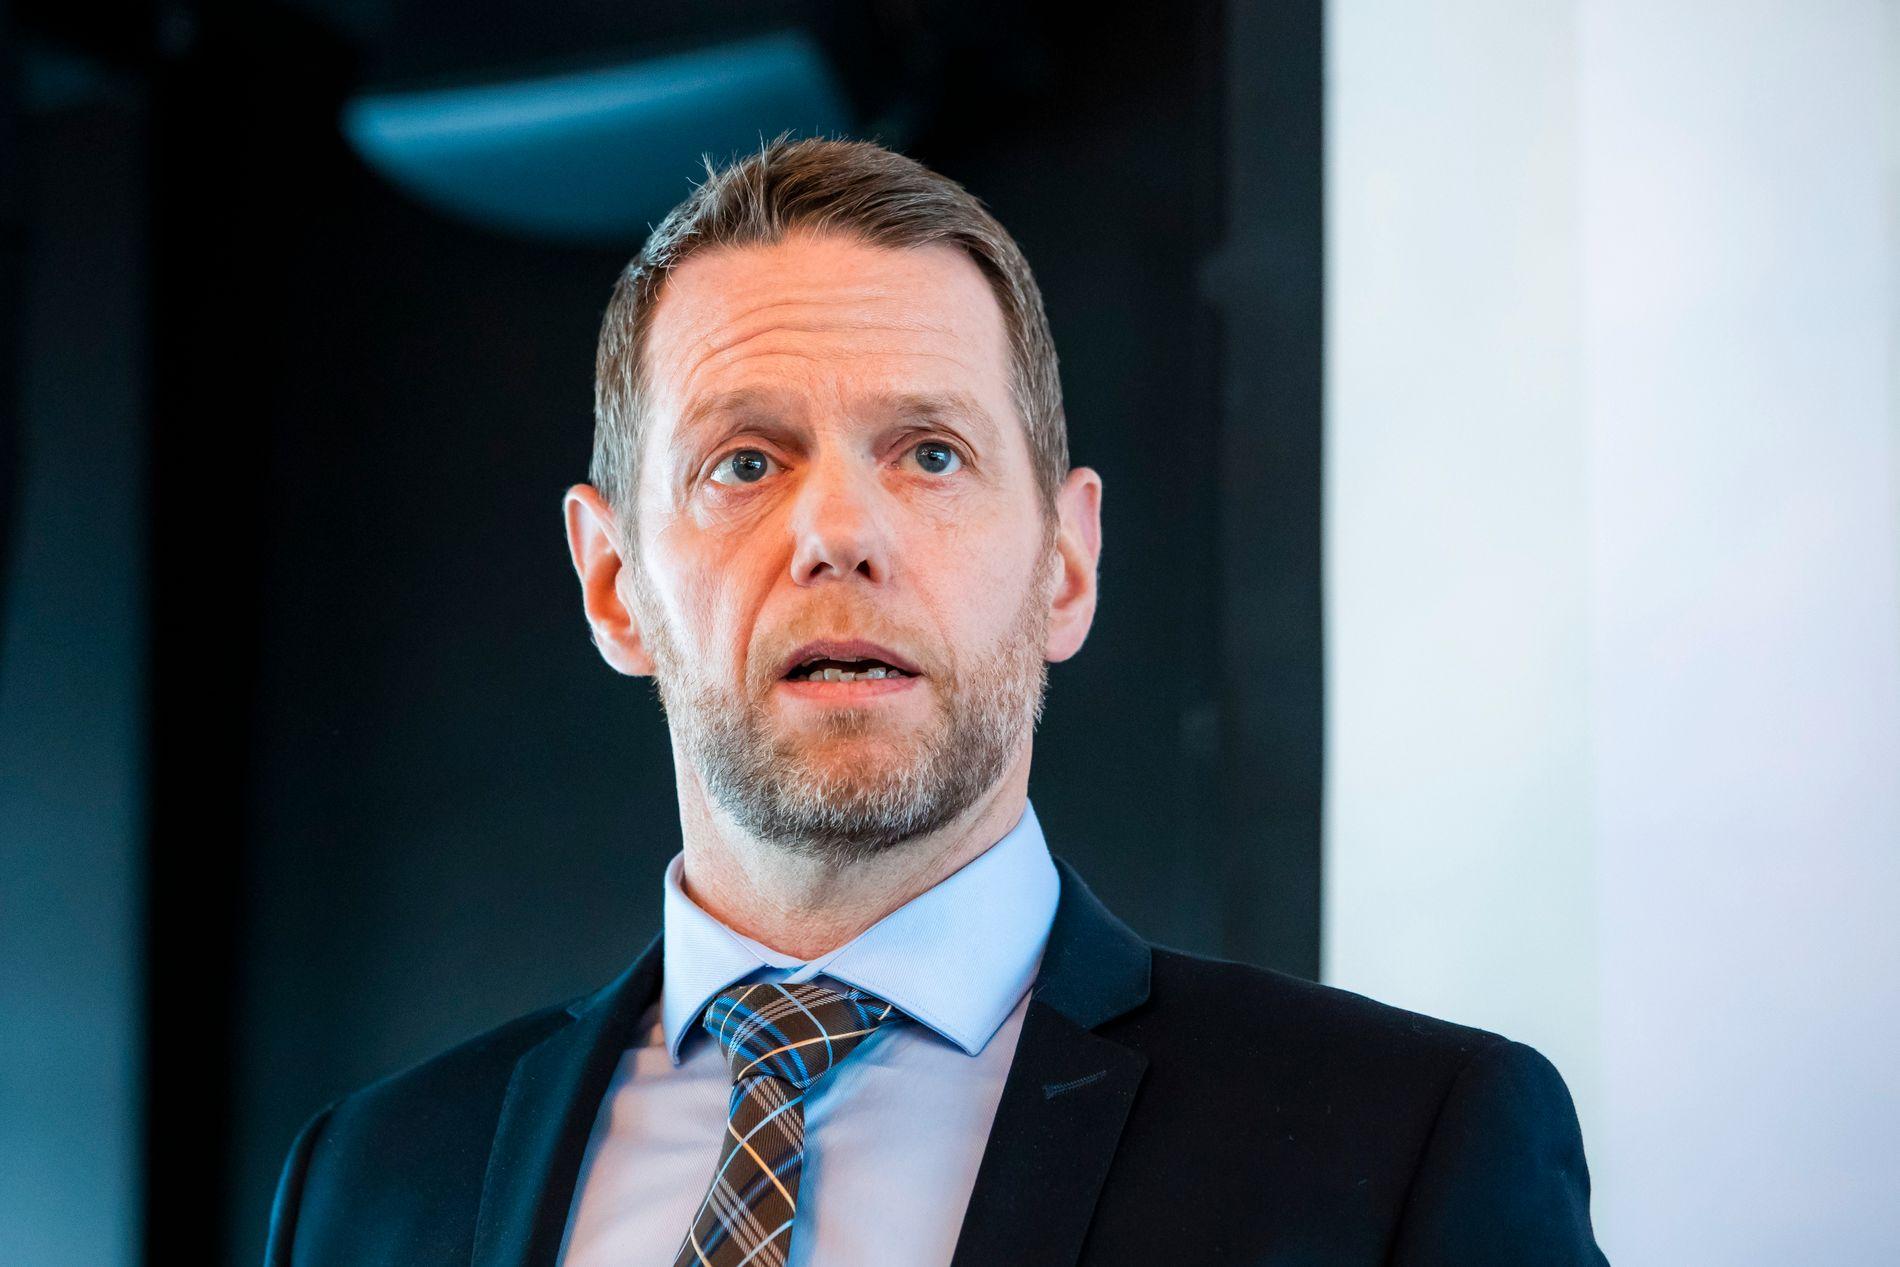 PST VIL STRAFFE: Kommunikasjonsdirektør i PST, Trond Hugubakken.